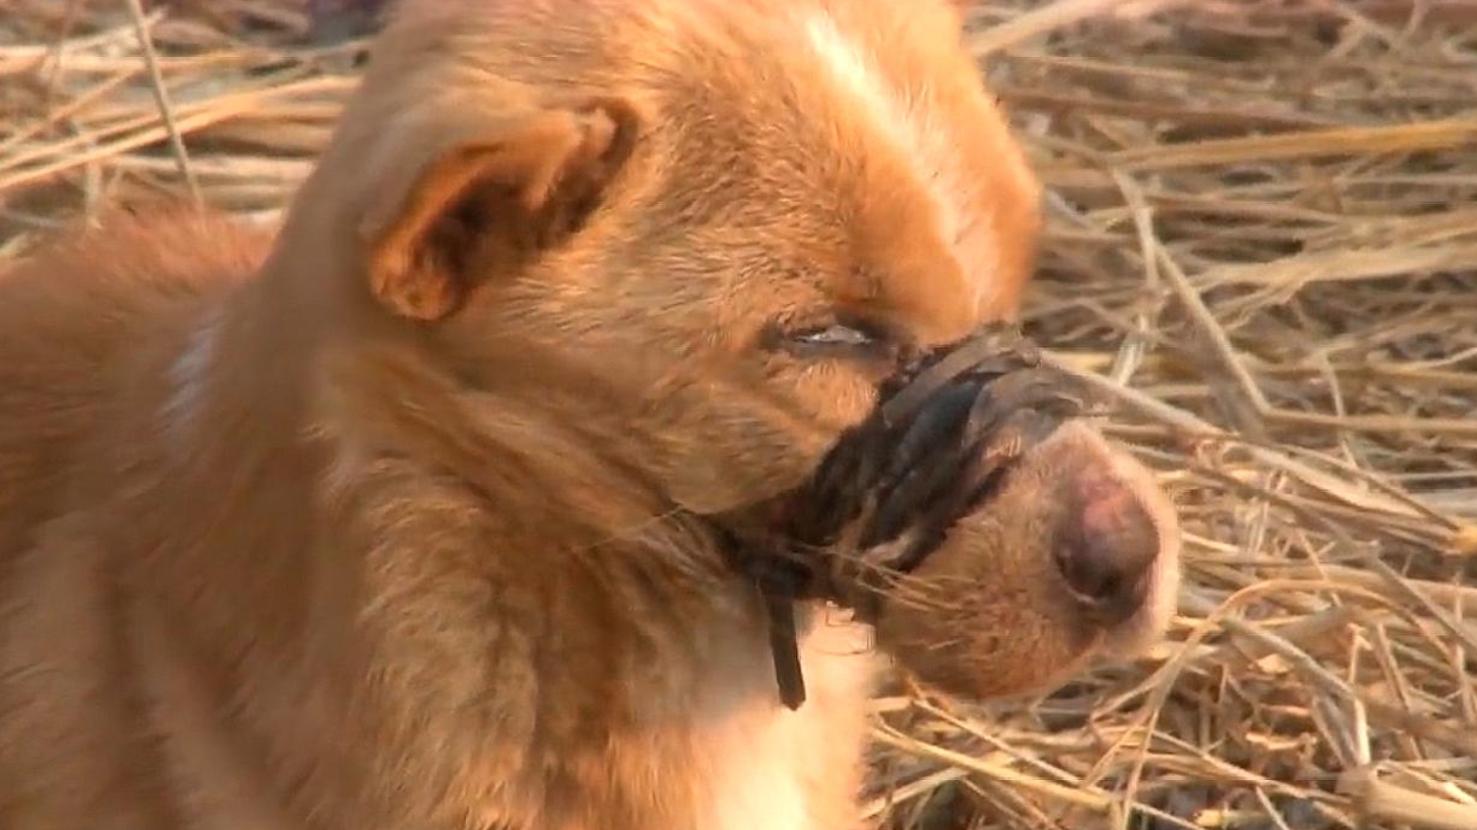 狗狗被人绑住嘴巴不能进食,解开胶布的那一刻,让人泪奔